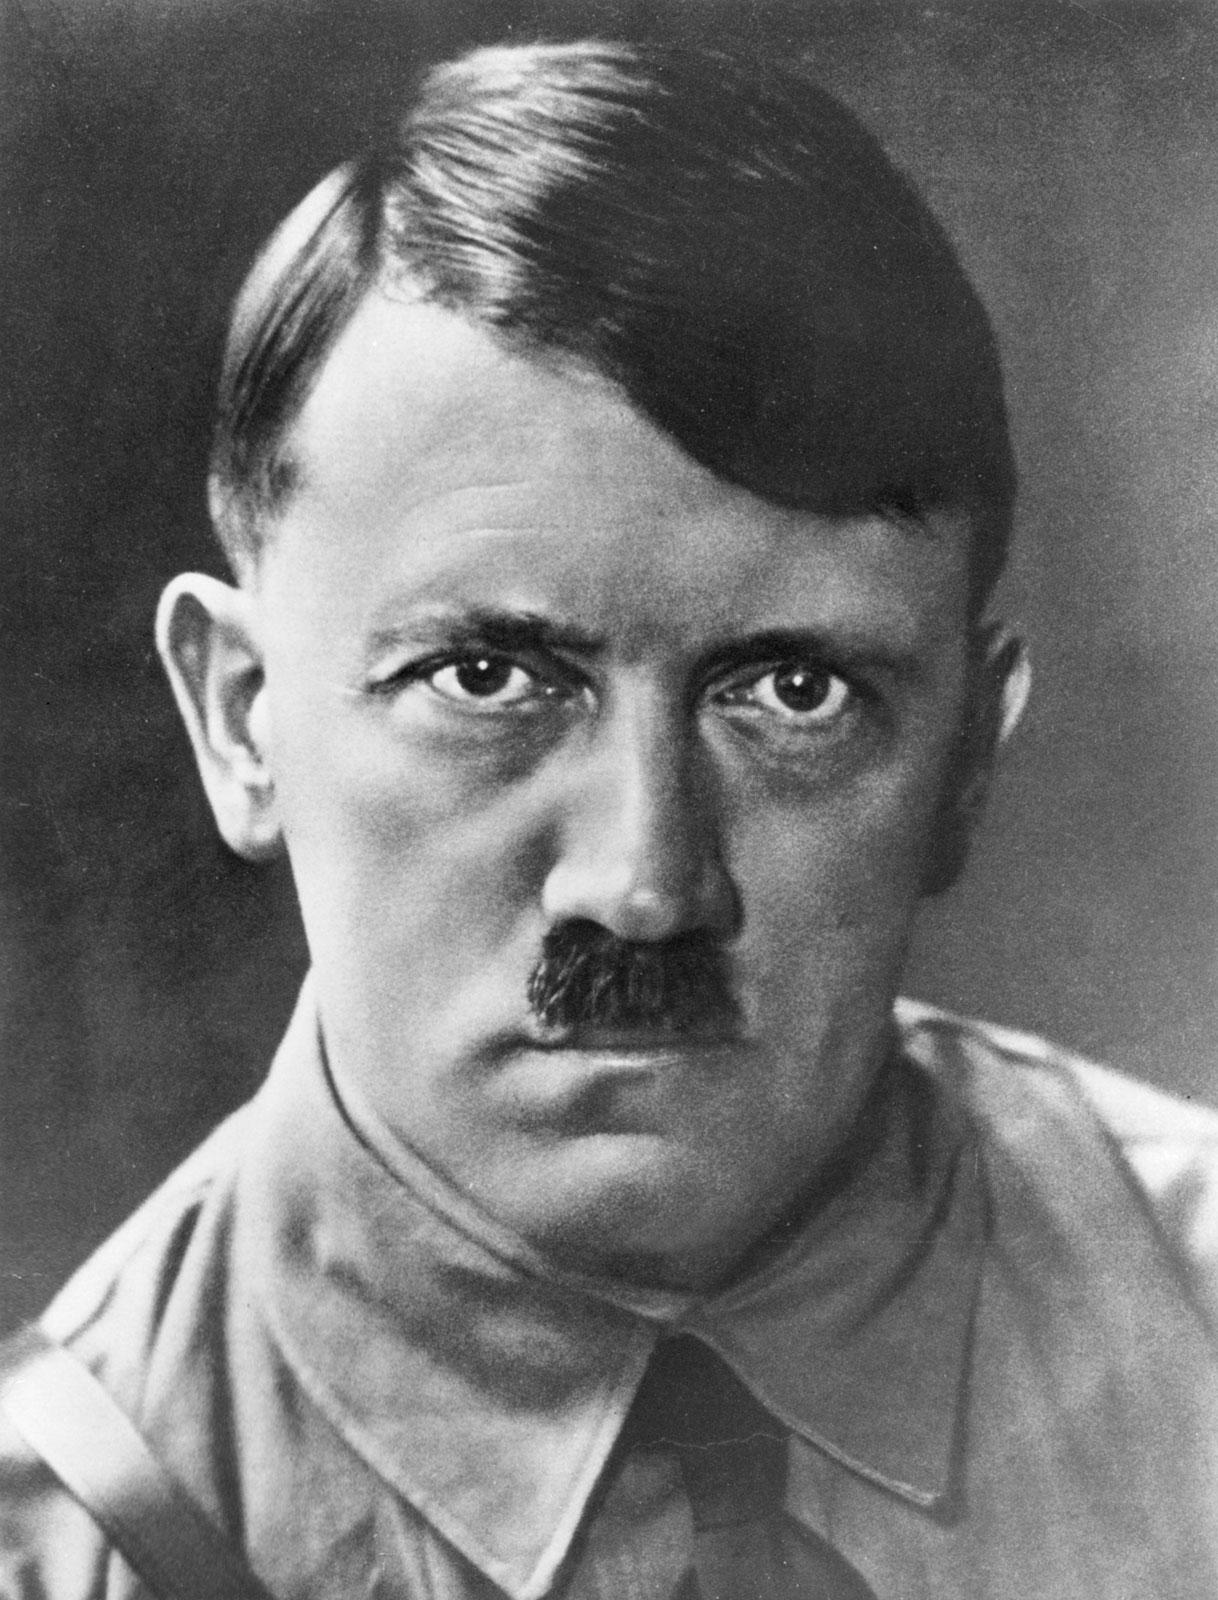 Religious views of Adolf Hitler